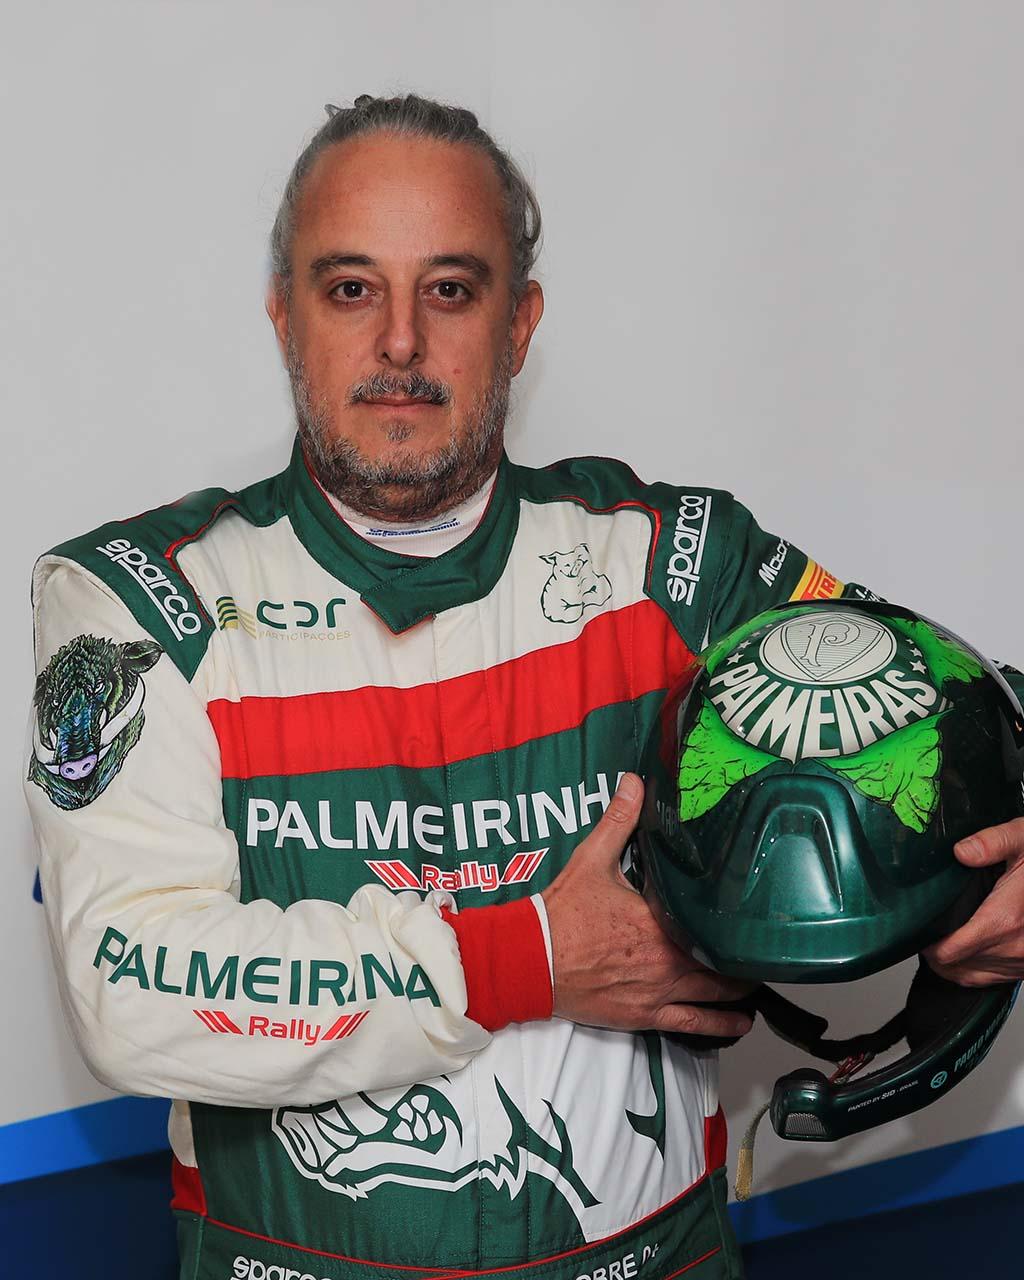 Paulo Nobre (1968)